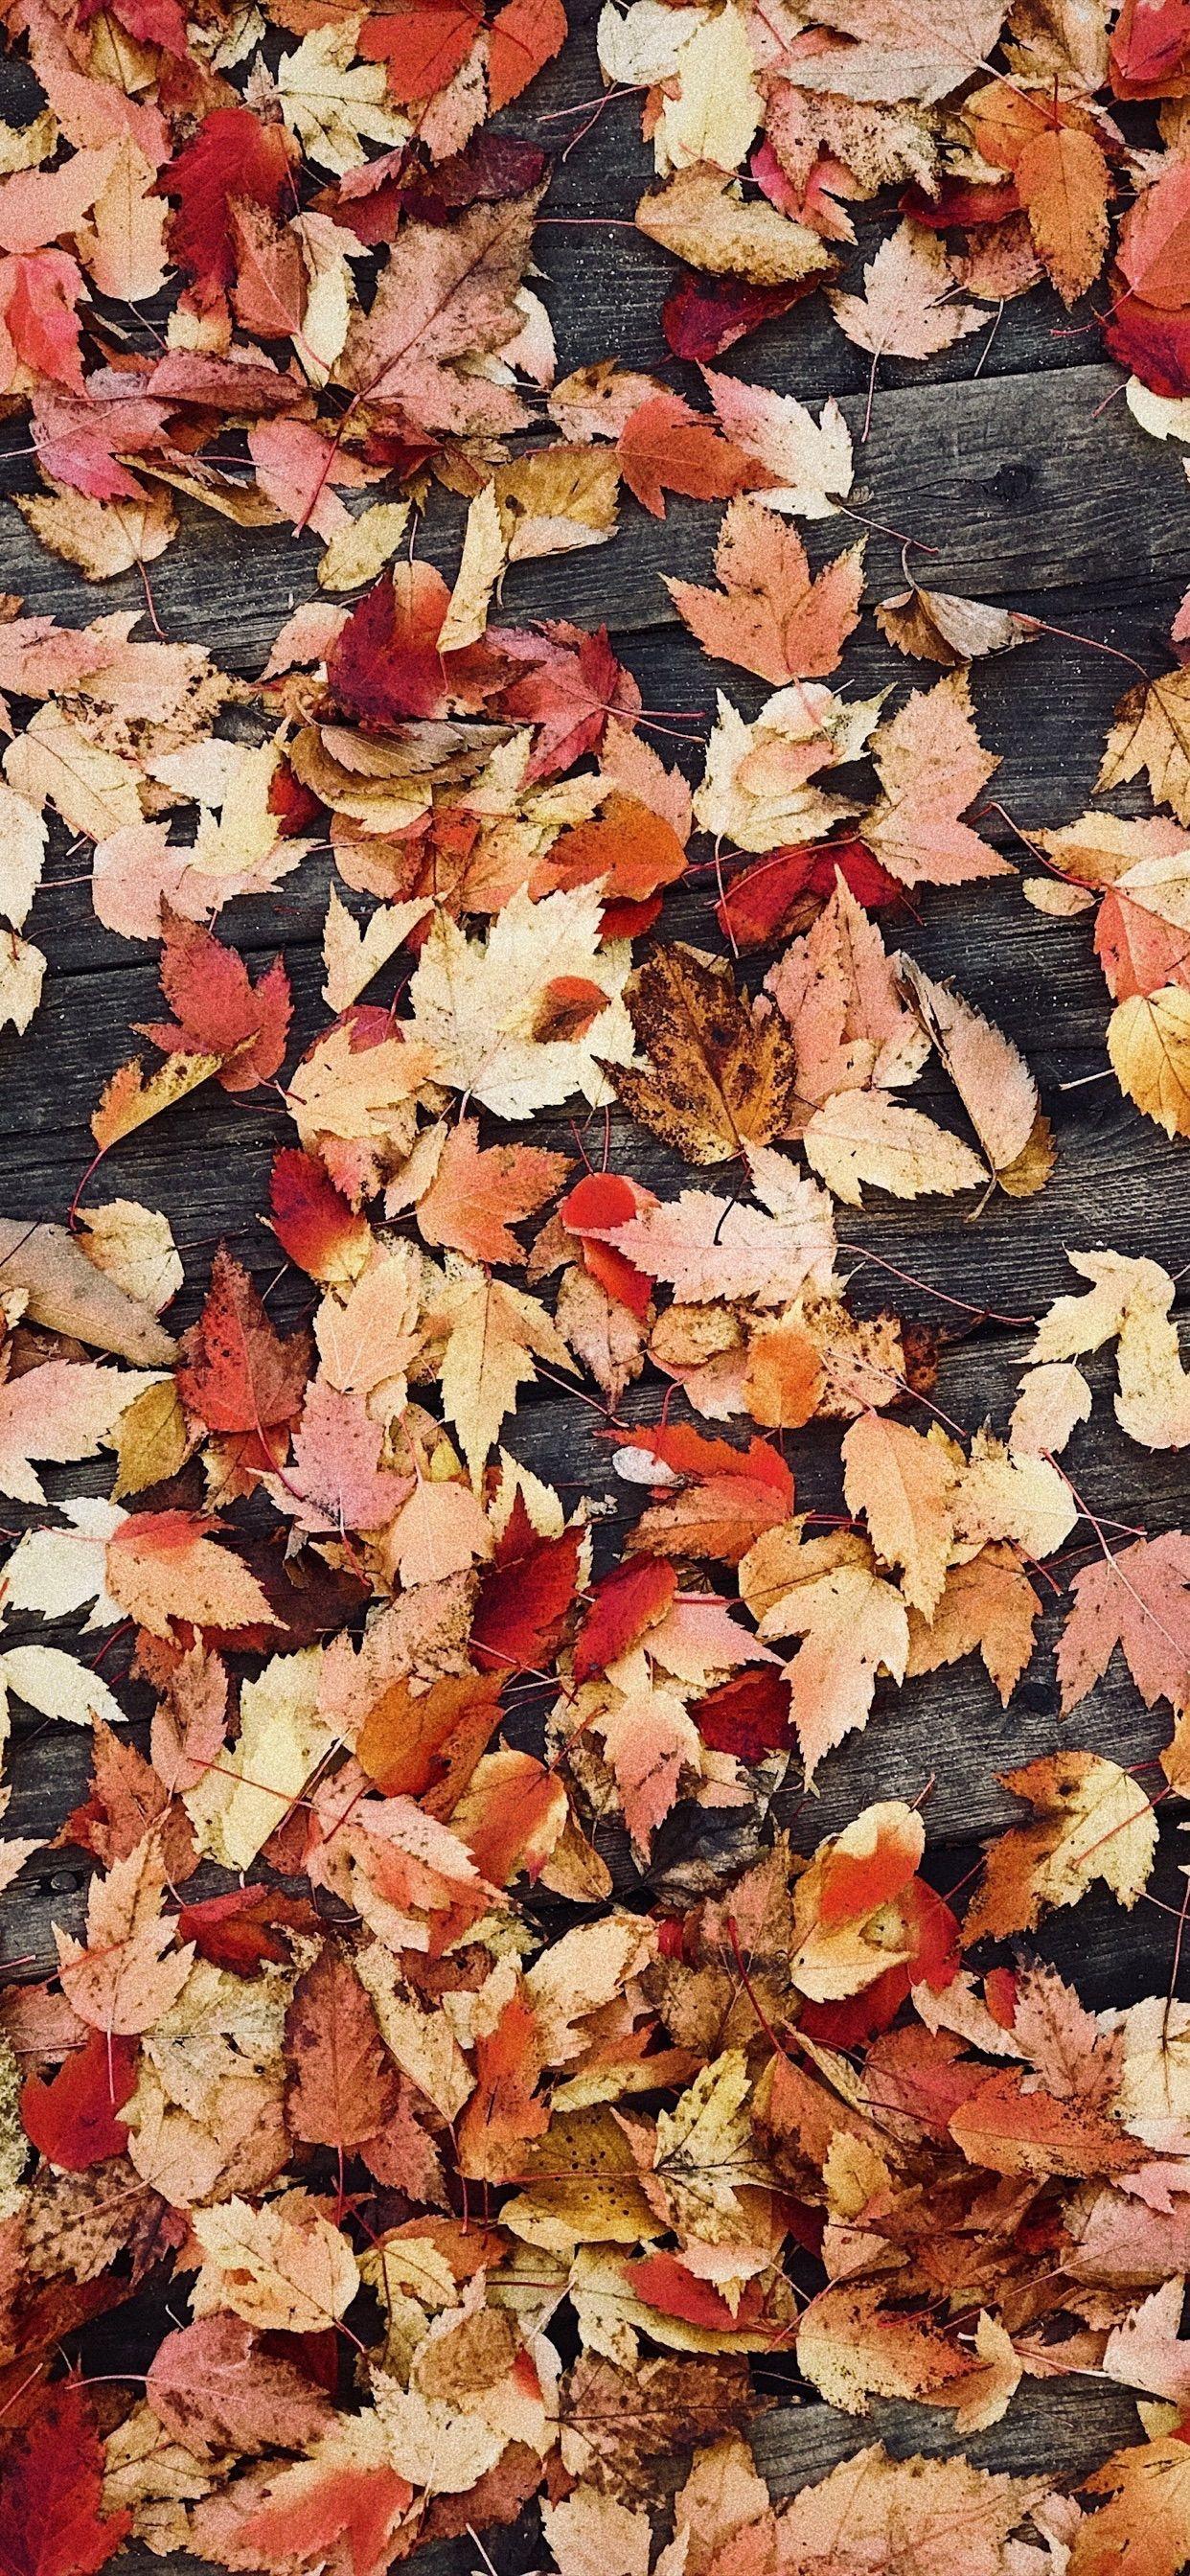 Hình nền 1242x2688 Cuối tuần: Mùa thu Hình nền iPhone XS Max